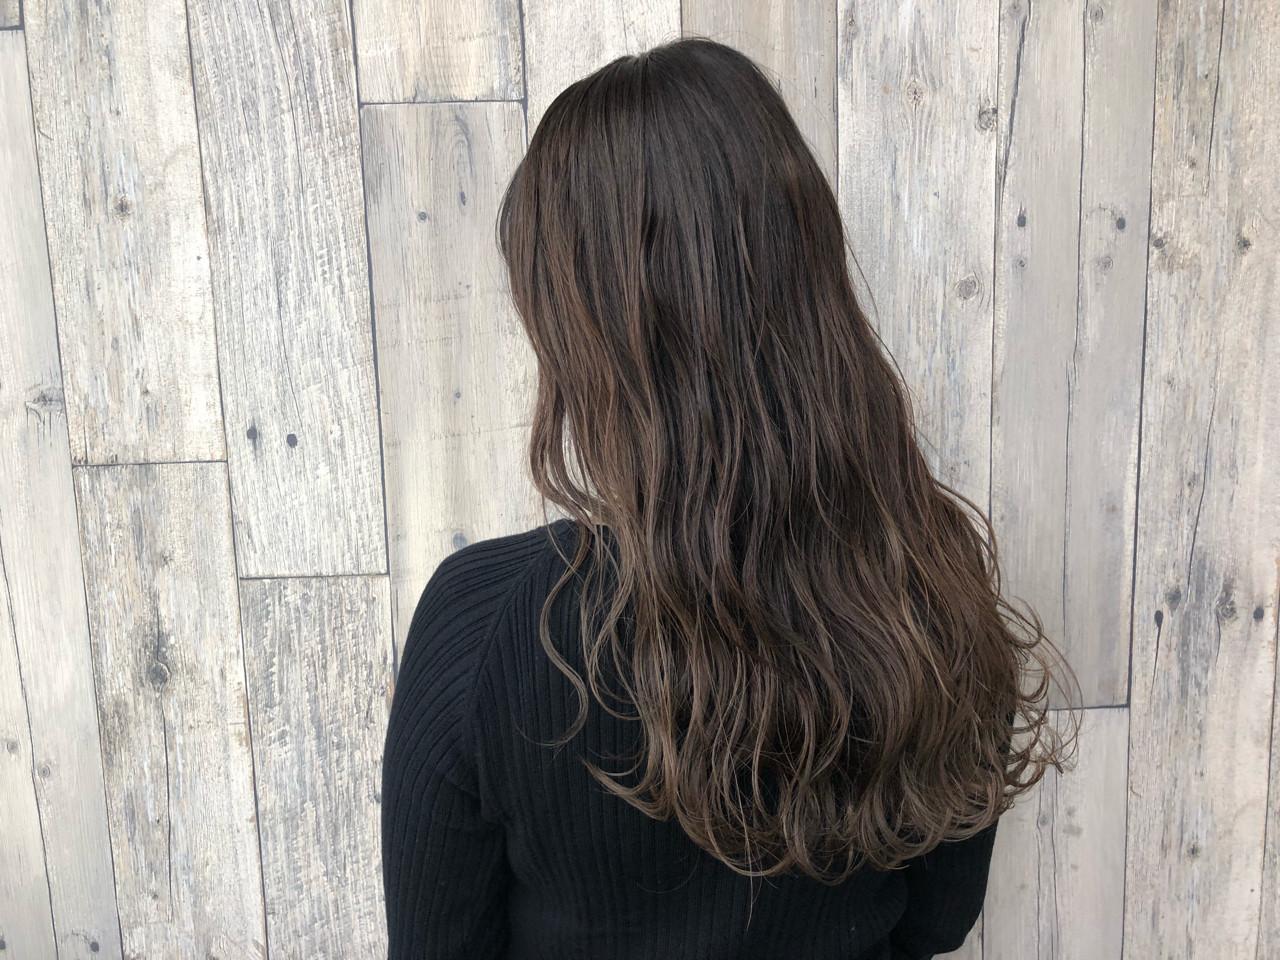 アッシュ エレガント ロング 上品 ヘアスタイルや髪型の写真・画像